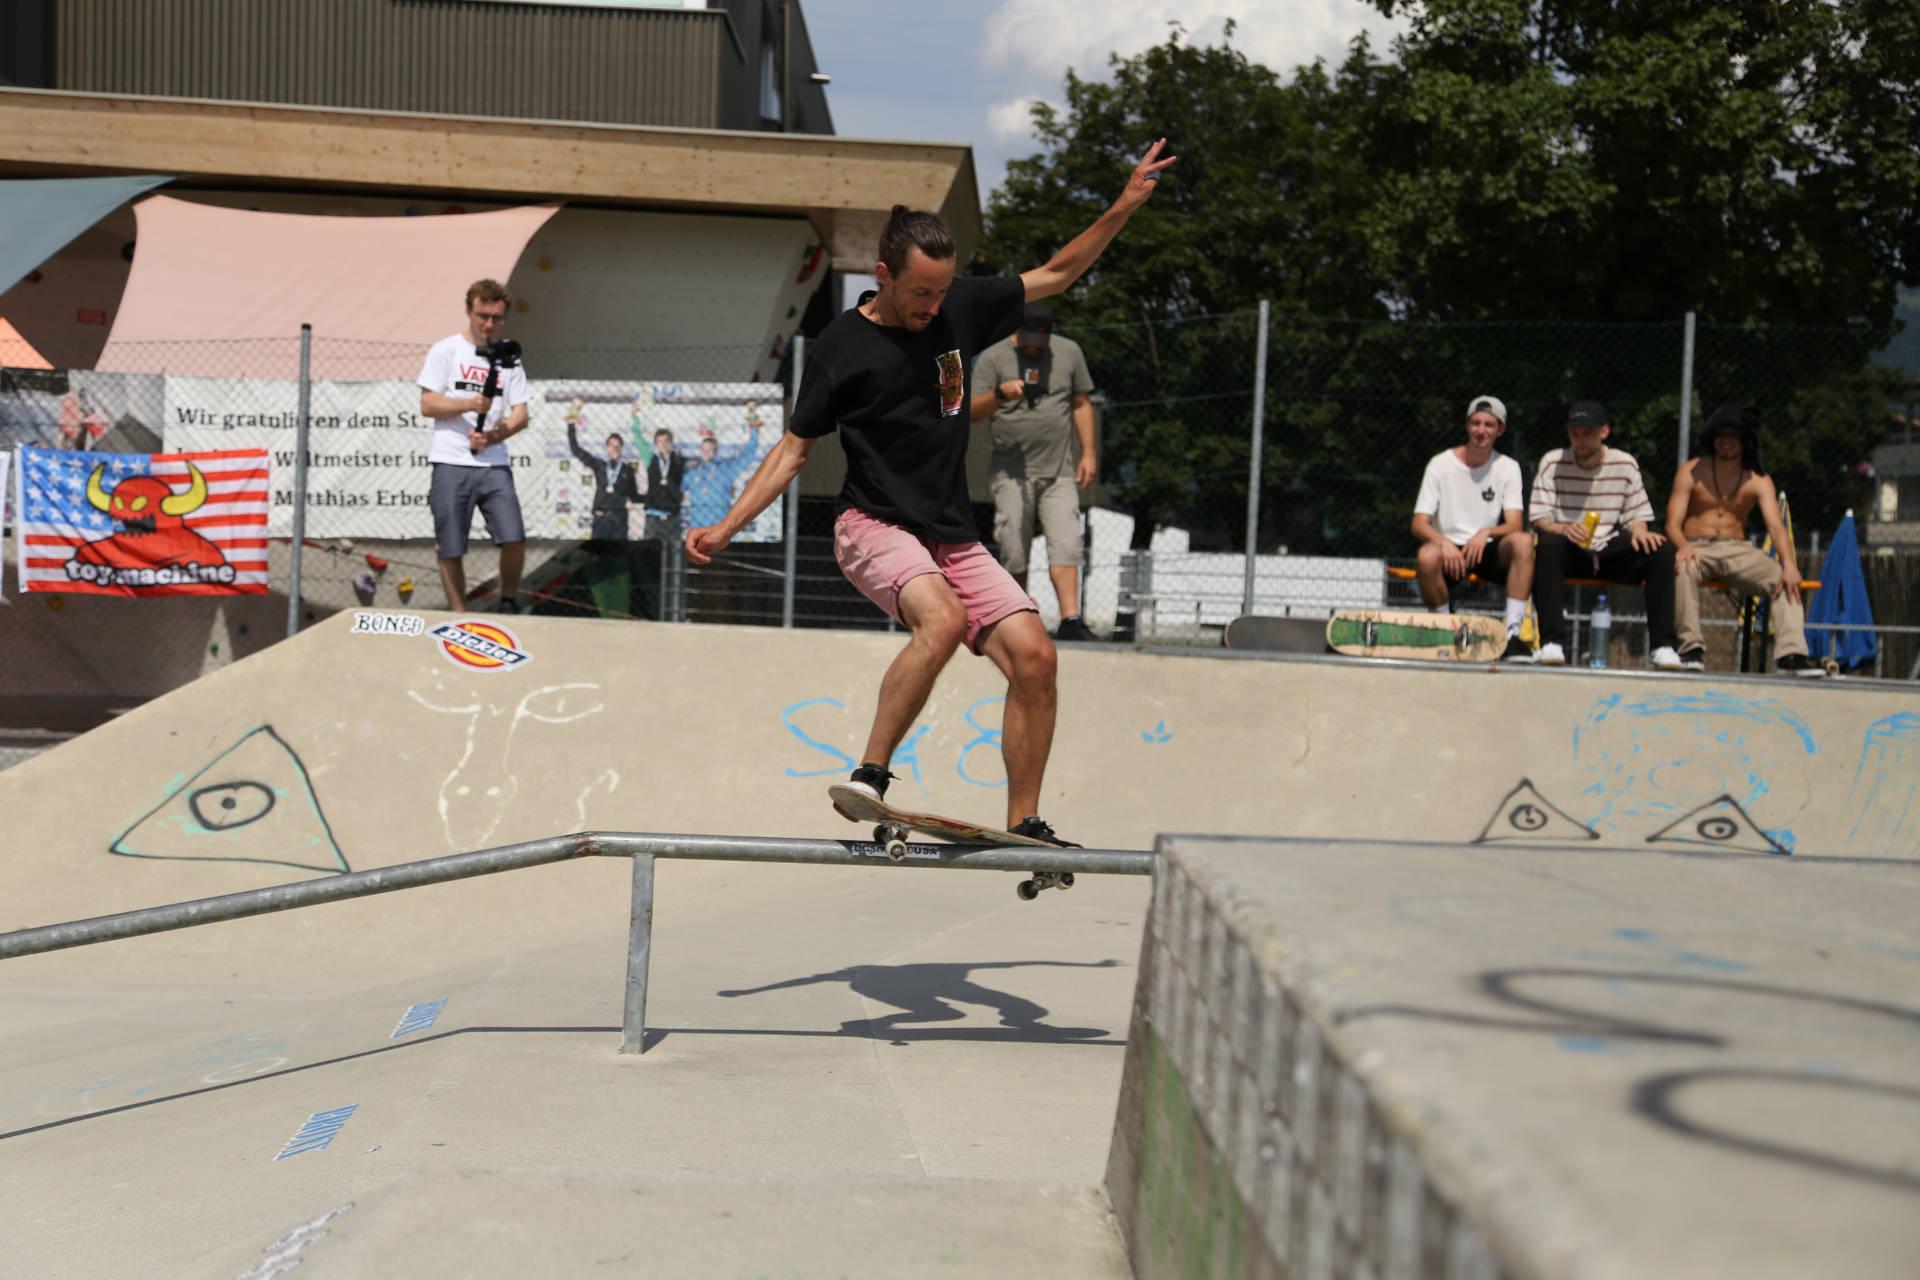 skateboardheadz st johann in tirol kgt 2019 finale 00105